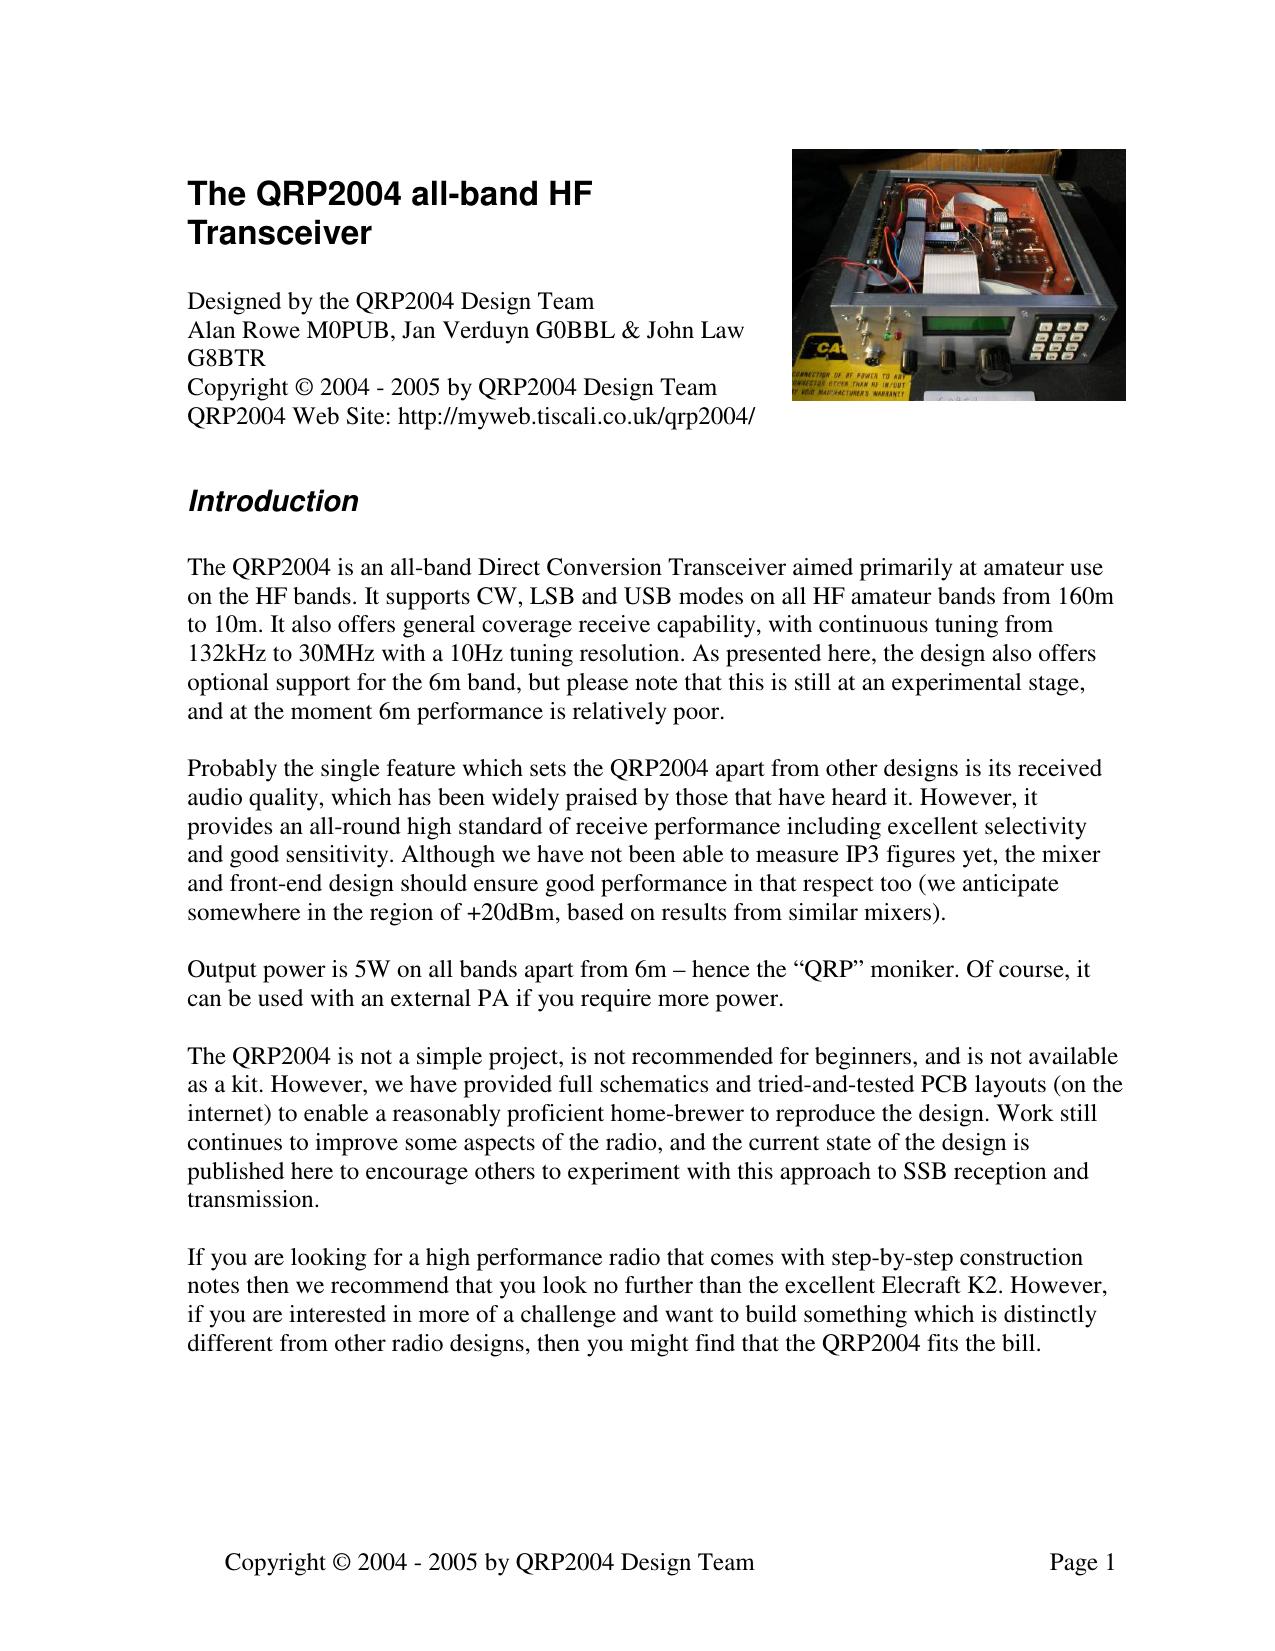 The QRP2004 all-band HF Transceiver | manualzz com